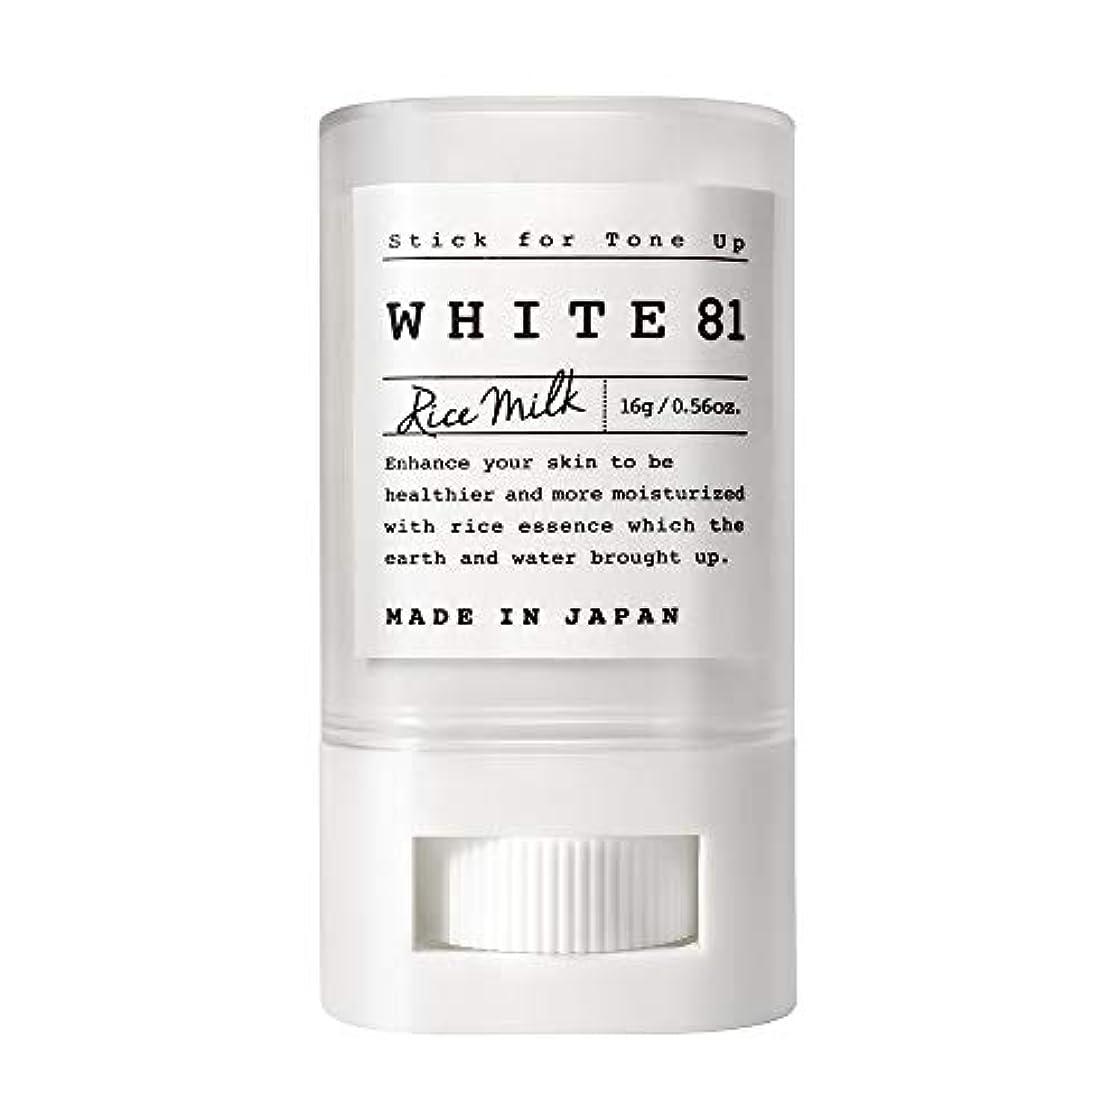 ジャンピングジャックロッド悲劇WHITE81 ホワイト81 トーンアップスティック(化粧下地?日焼け止め / SPF35?PA+++?ウォータープルーフ?複合保湿成分配合?肌に優しい6種のフリー / 日本製)